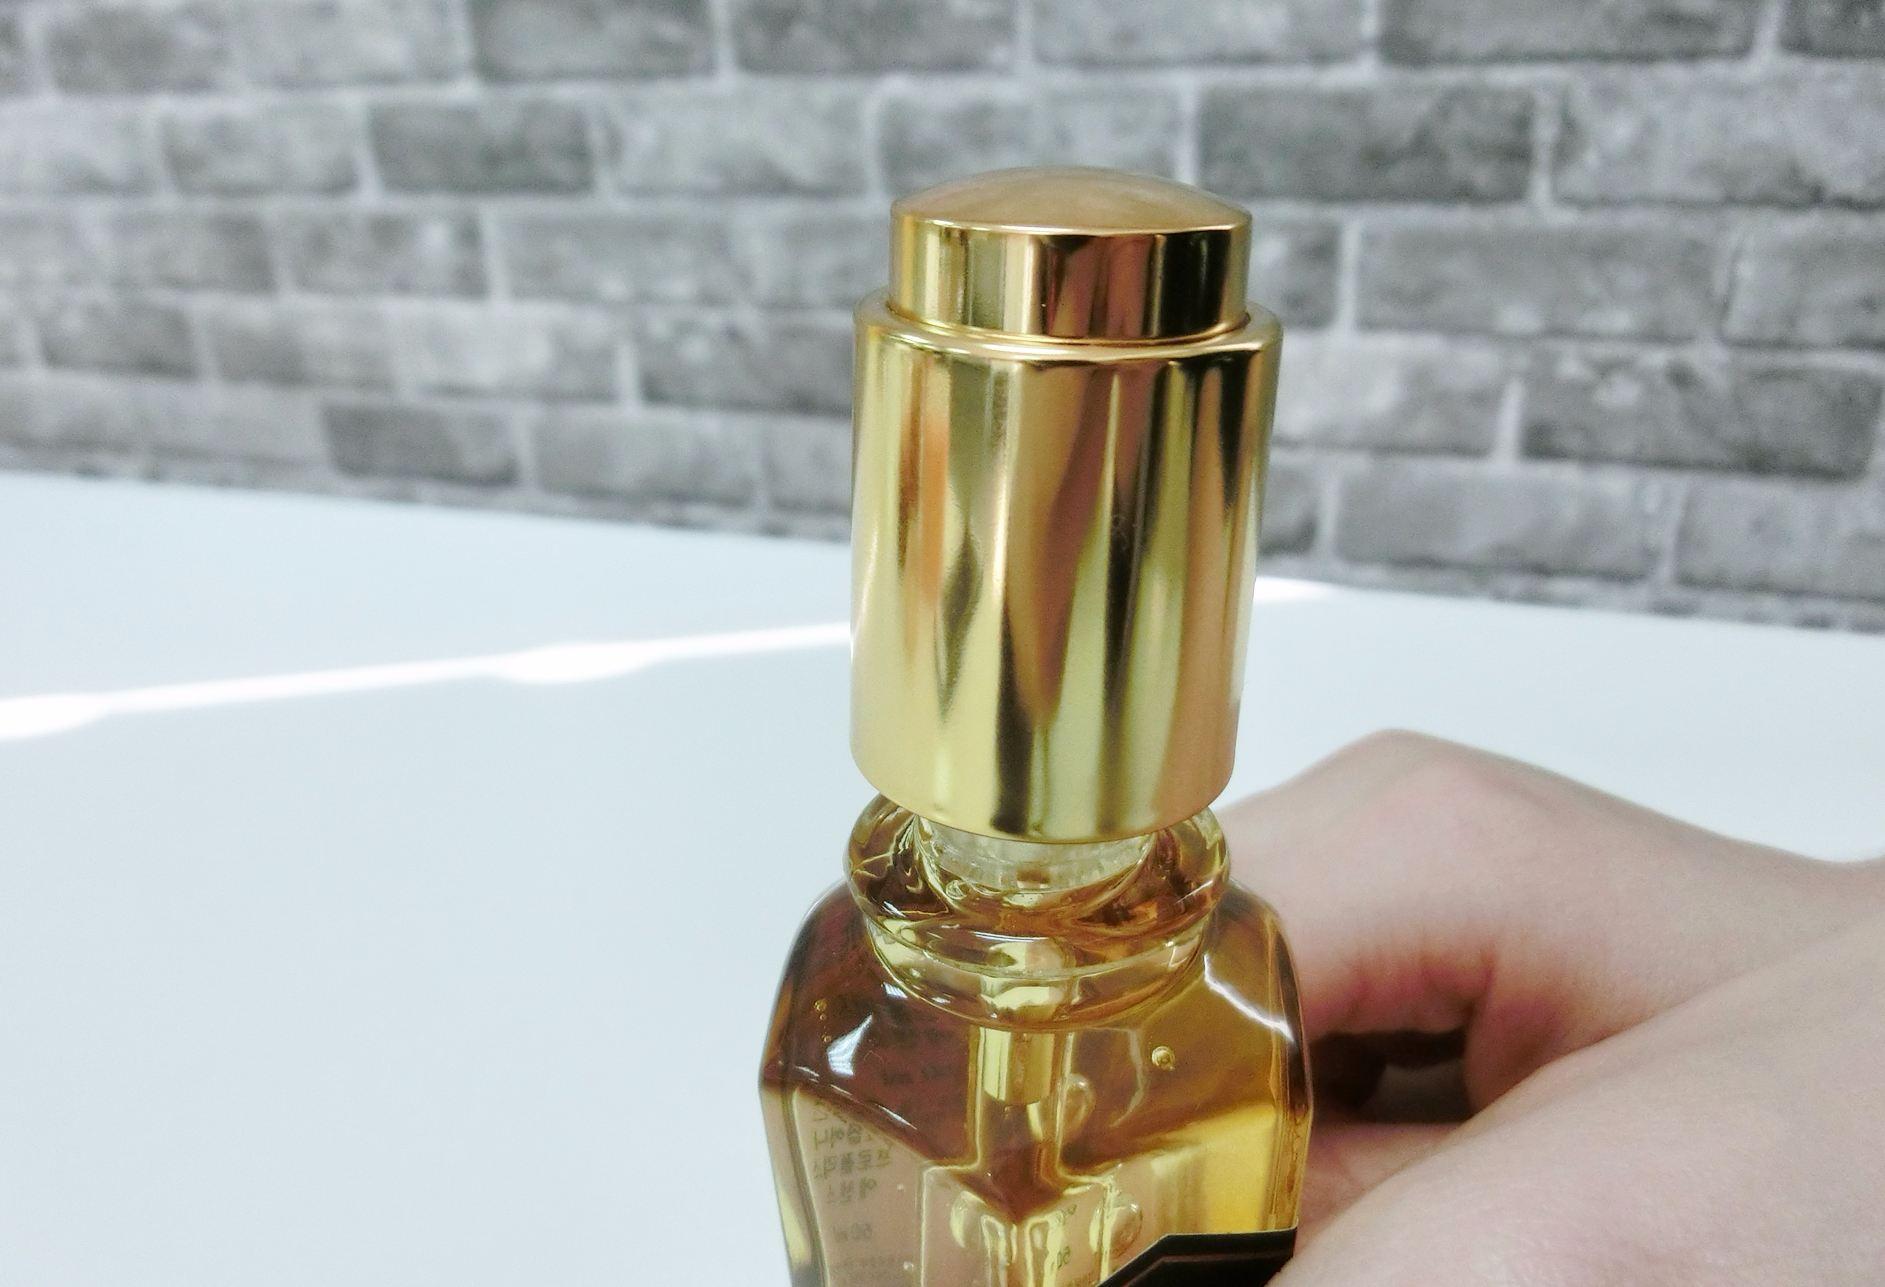 按壓式的滴管設計非常方便貼心,而且歐膩很喜歡它的包裝設計,很有質感唷!